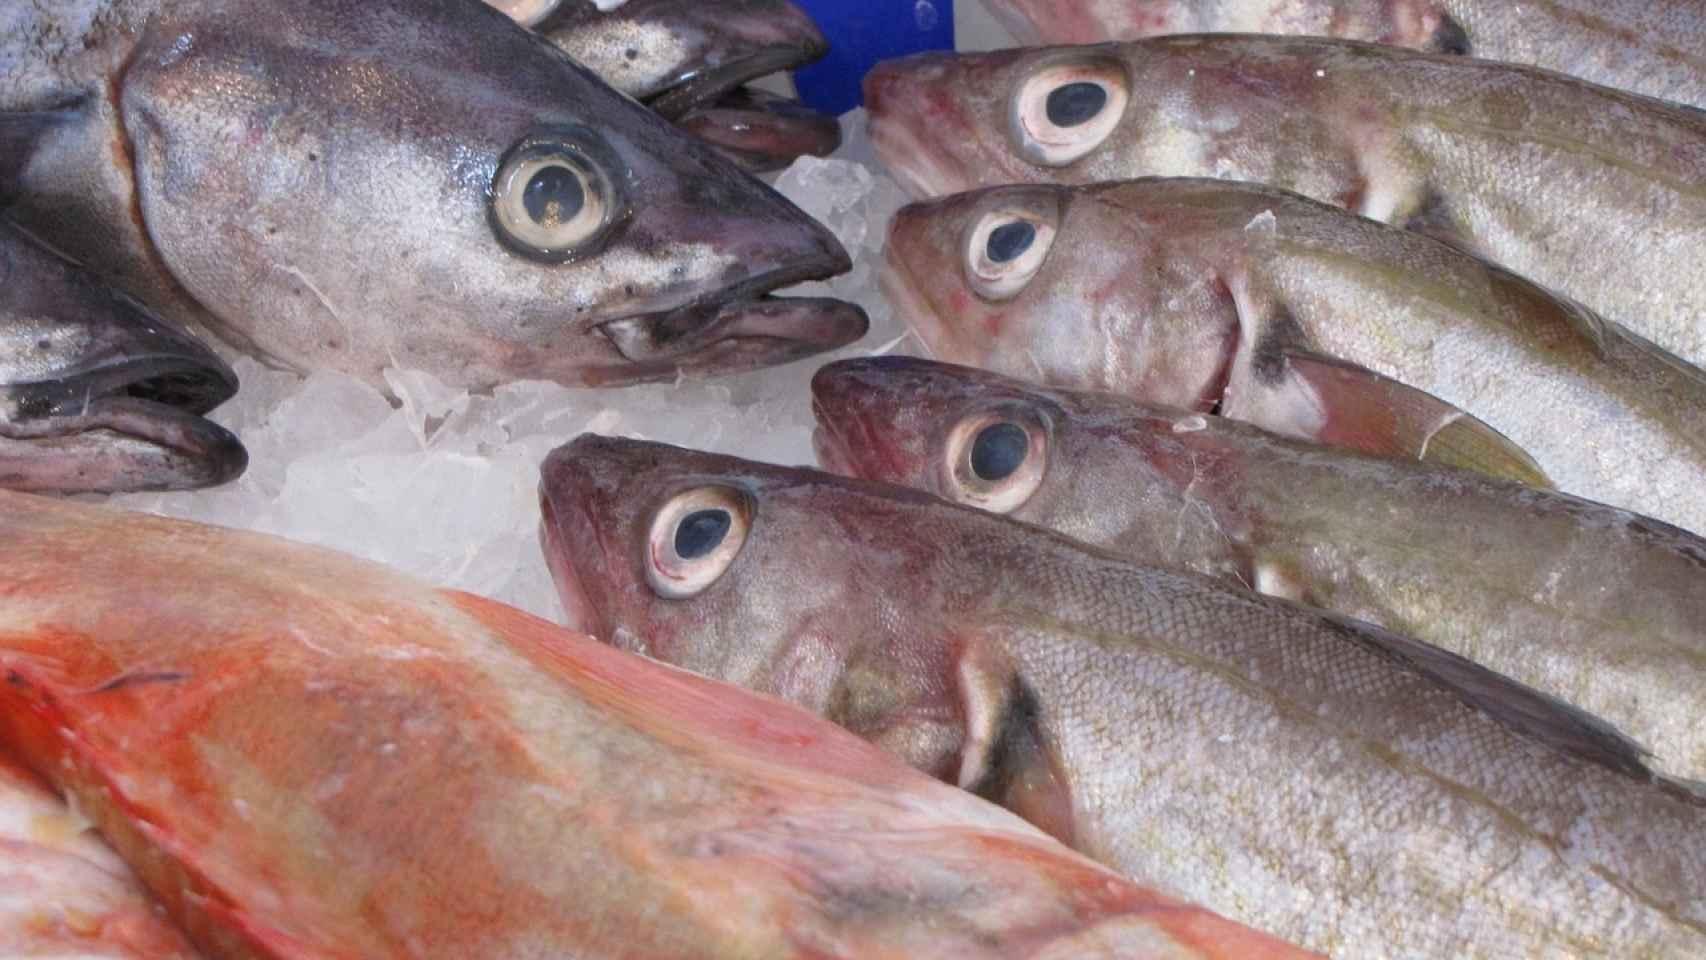 pescado-fresco-00